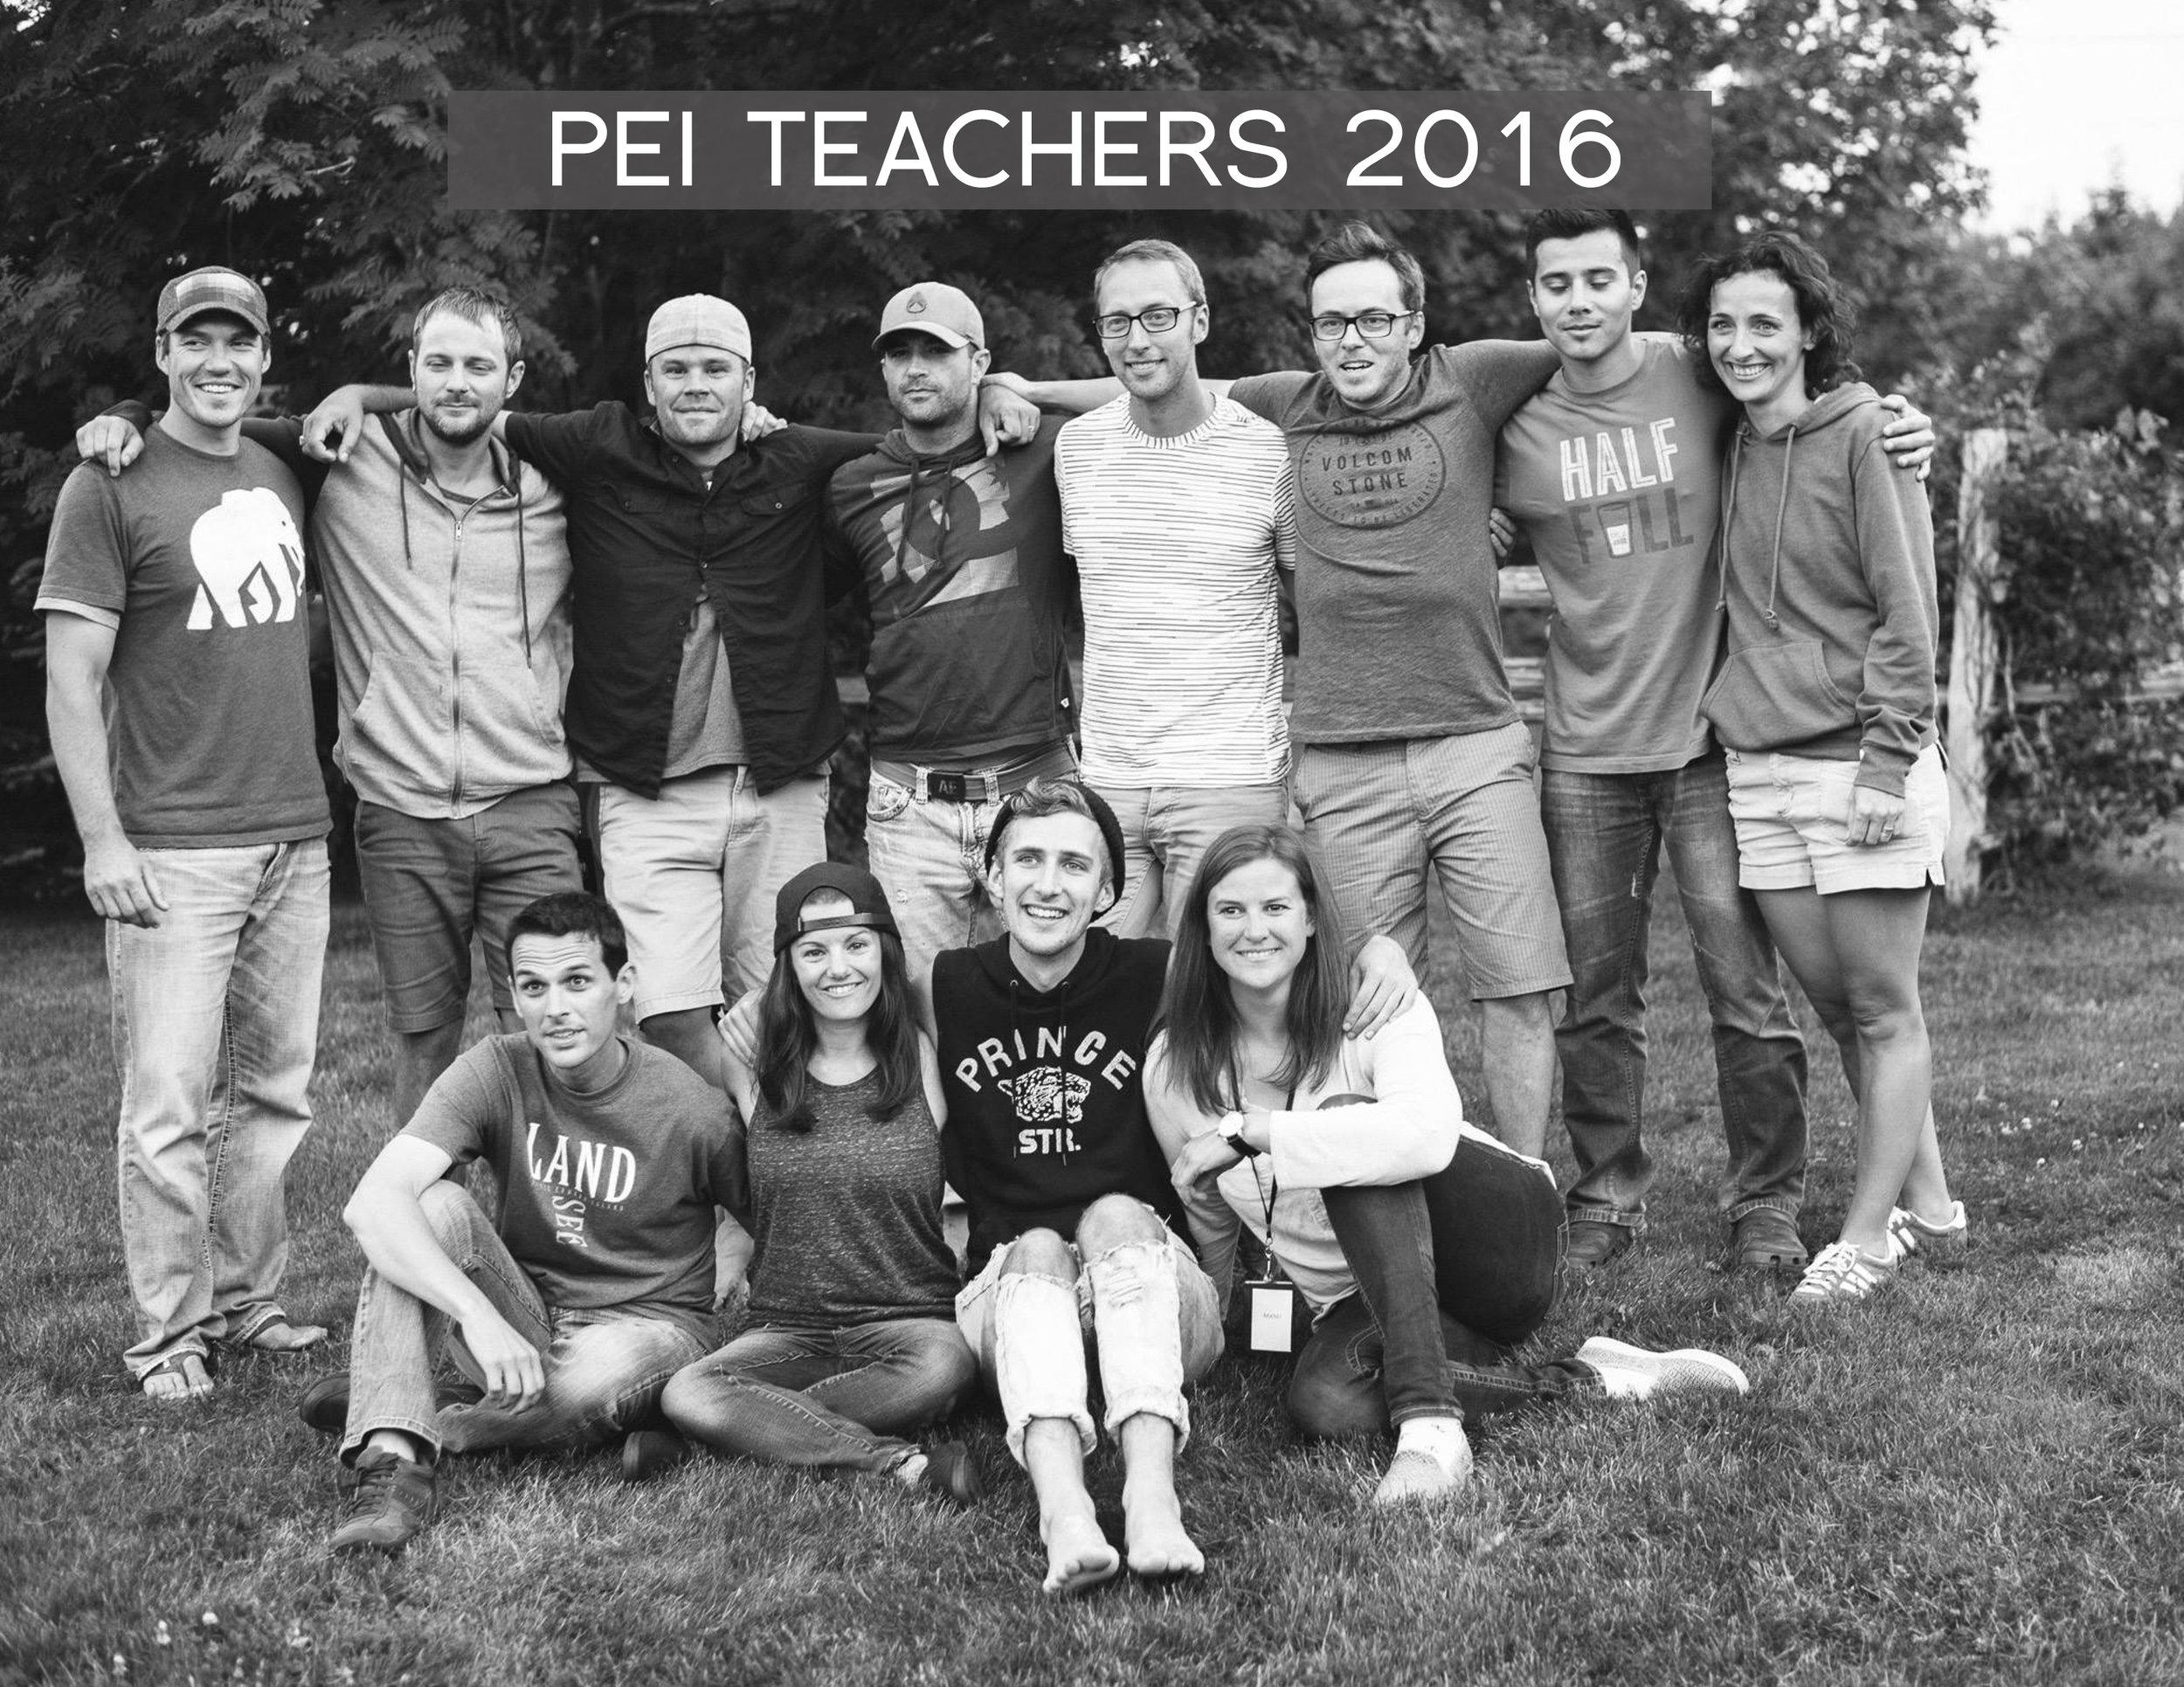 PEI 2016.jpg